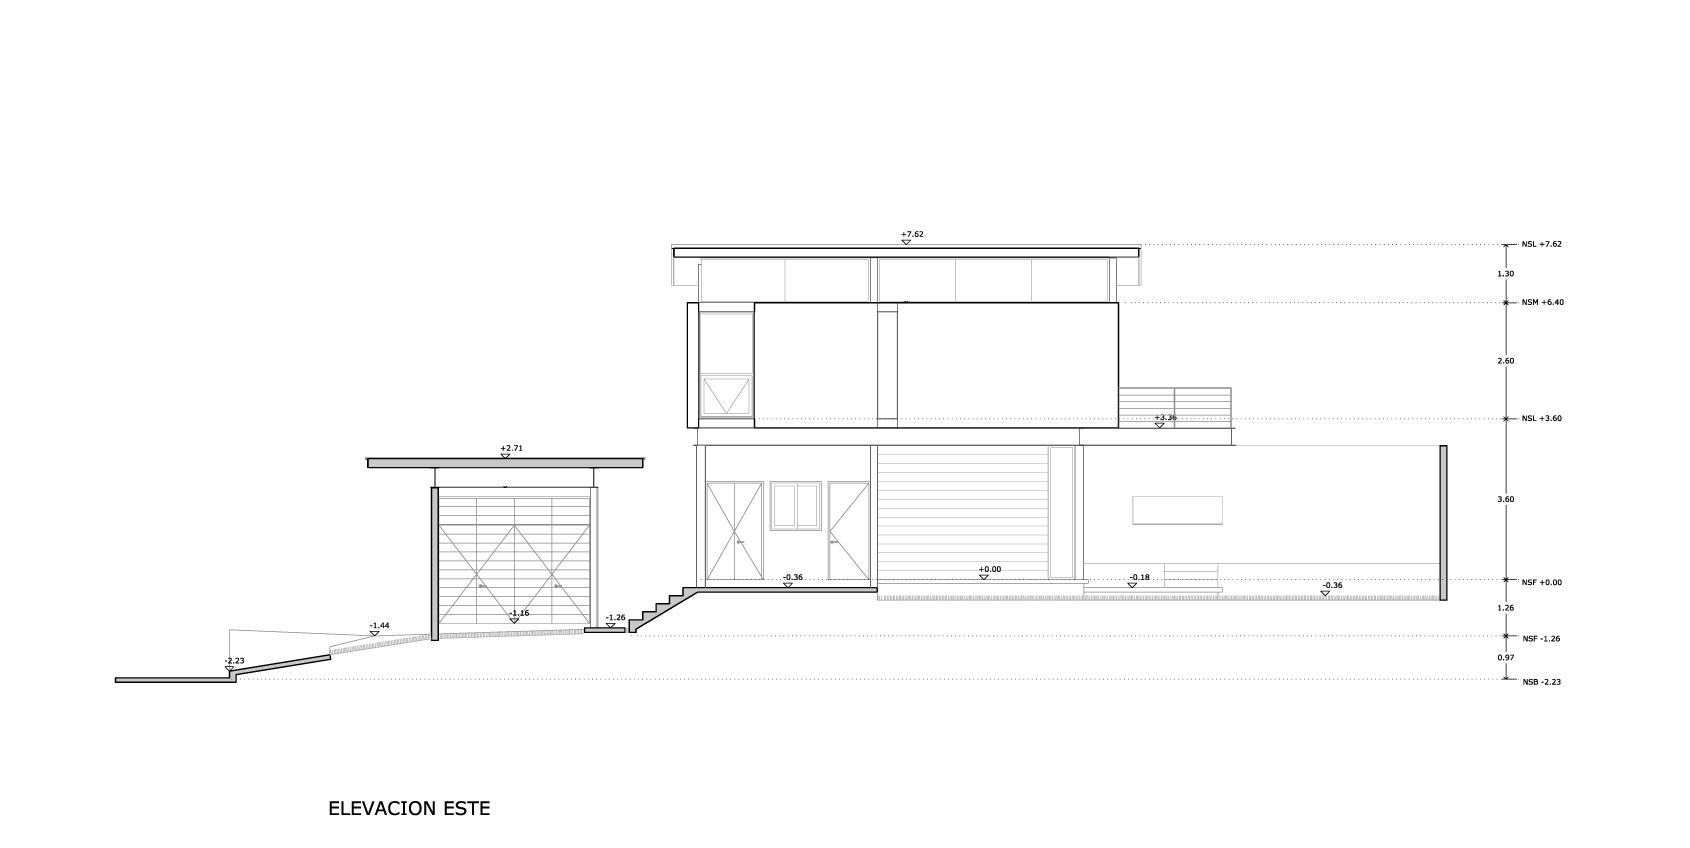 Planos de Elevación Este de Bambara Street de Shaun Lockyer Architects